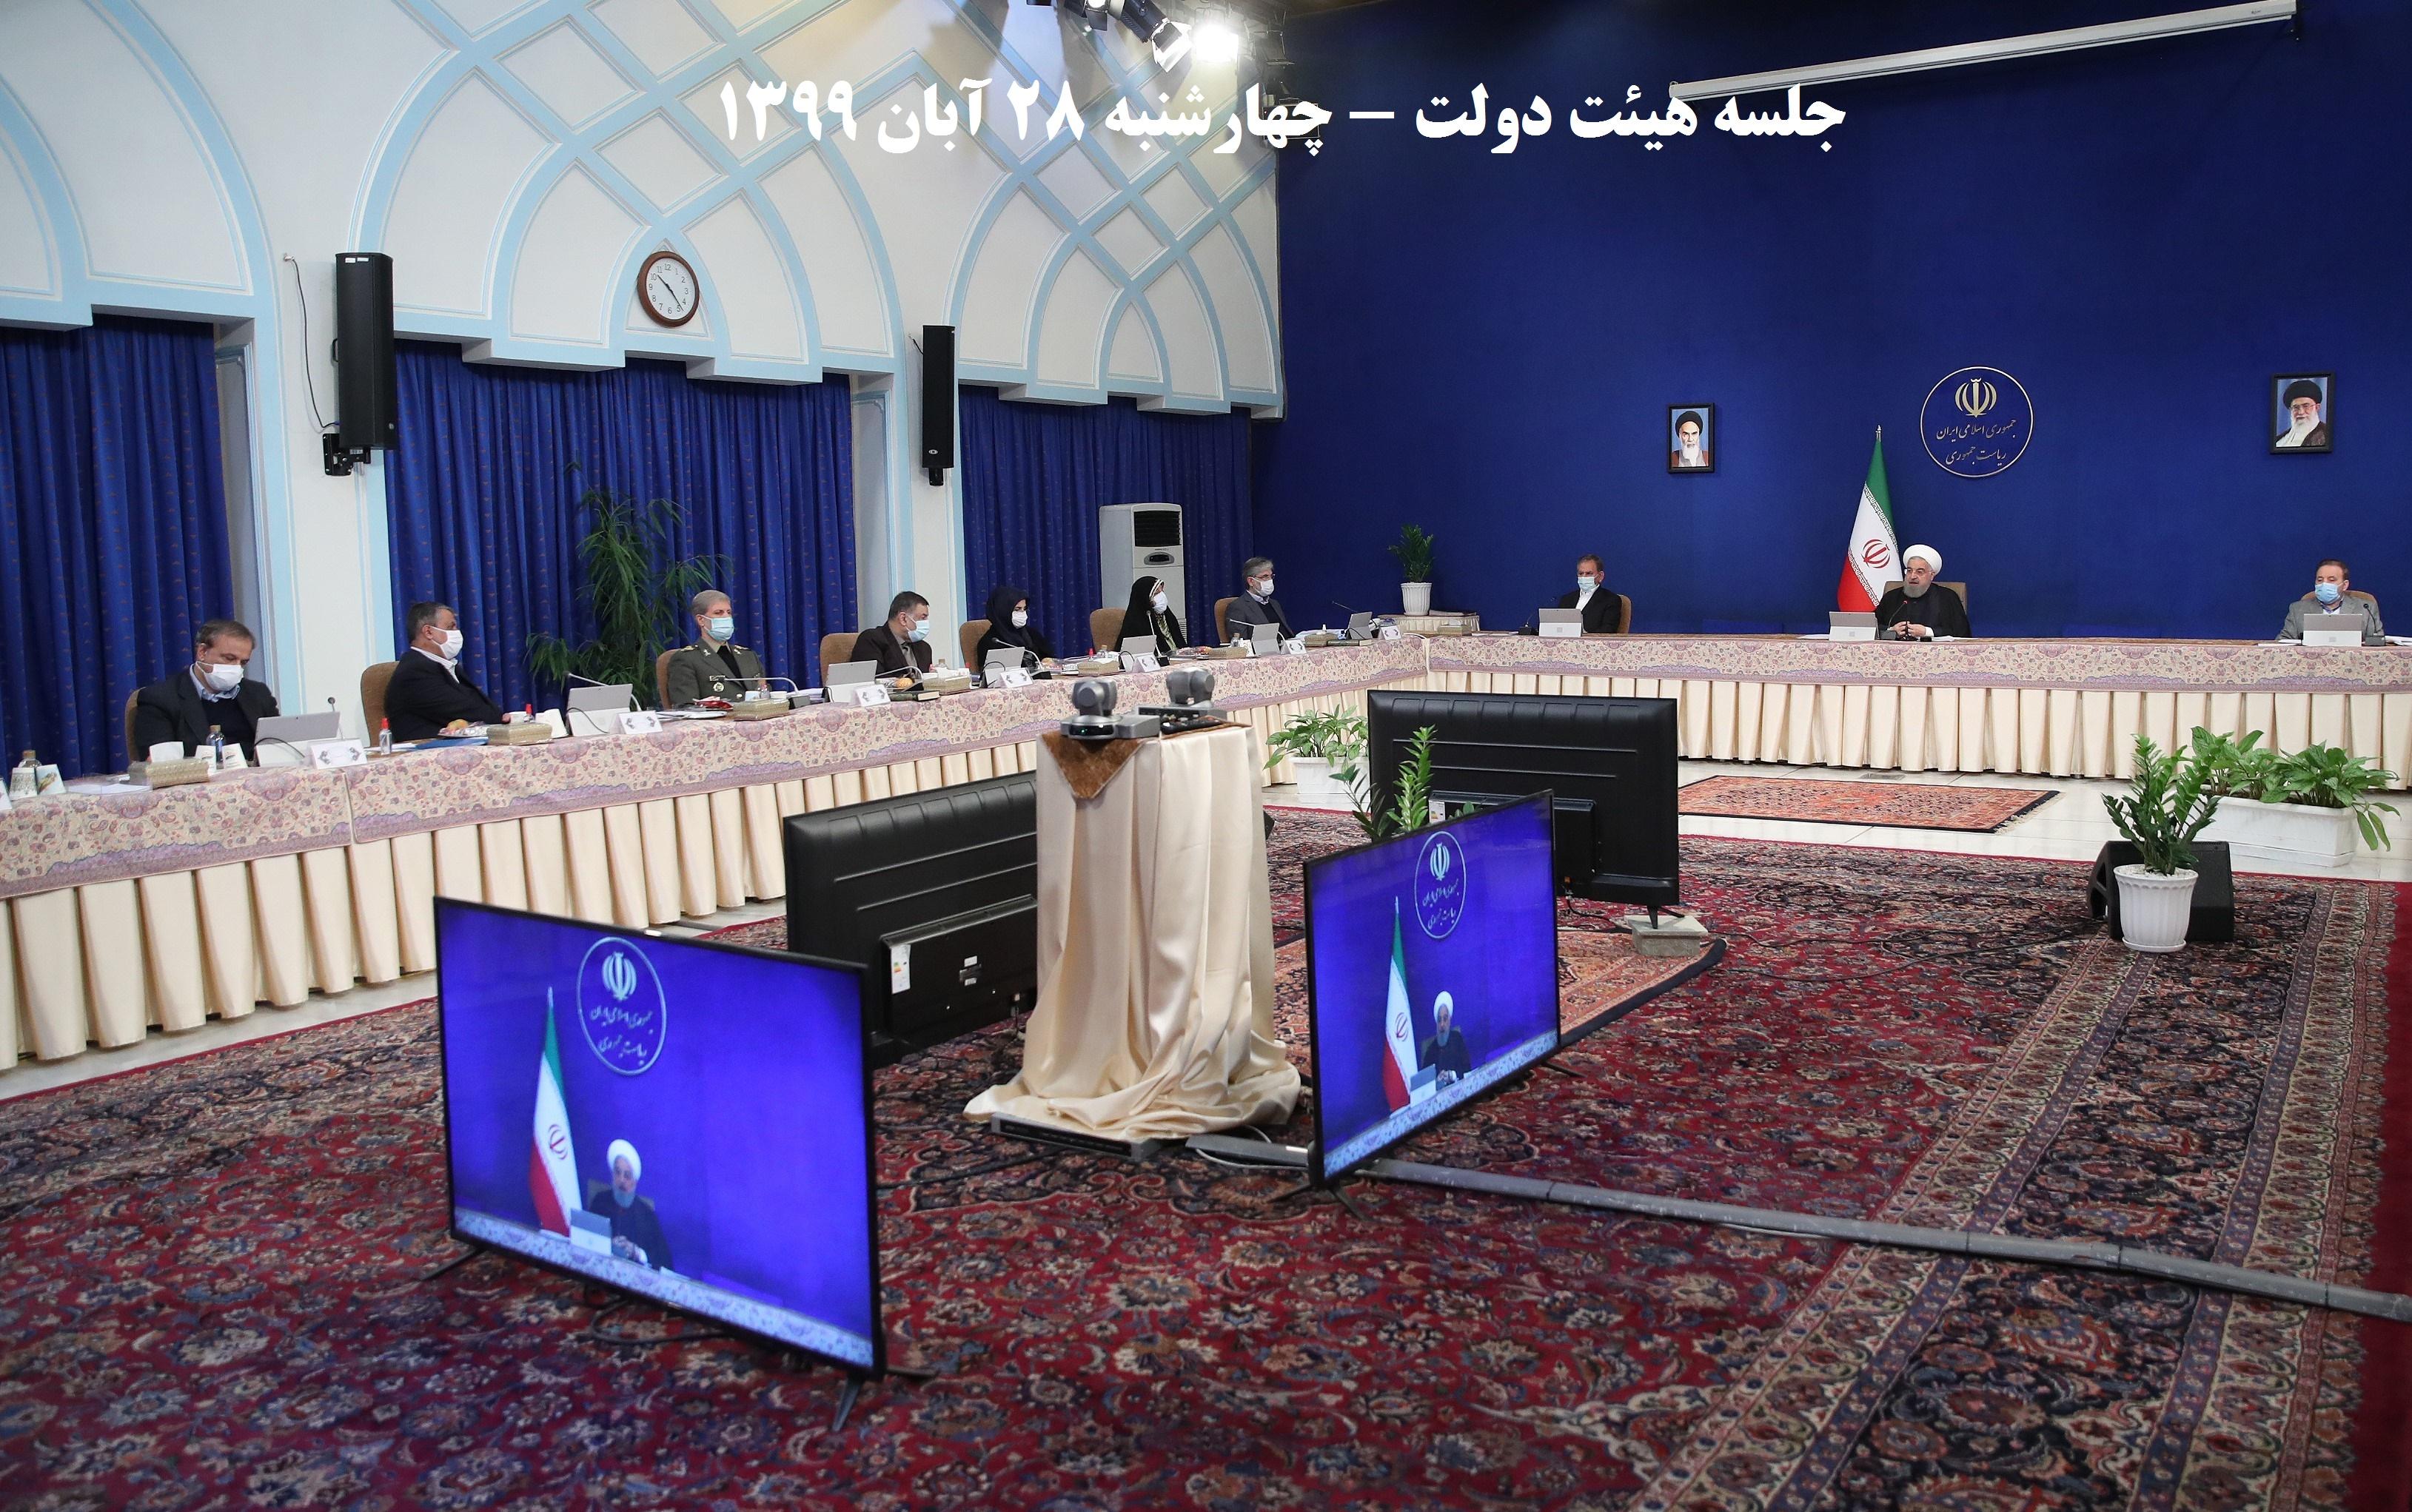 آغاز بررسی کلیات لایحه بودجه سال 1400 کل کشور/ تصویب آیین نامه اعطای تسهیلات به کارکنان دستگاه های اجرایی متقاضی انتقال از تهران و کلان شهرها